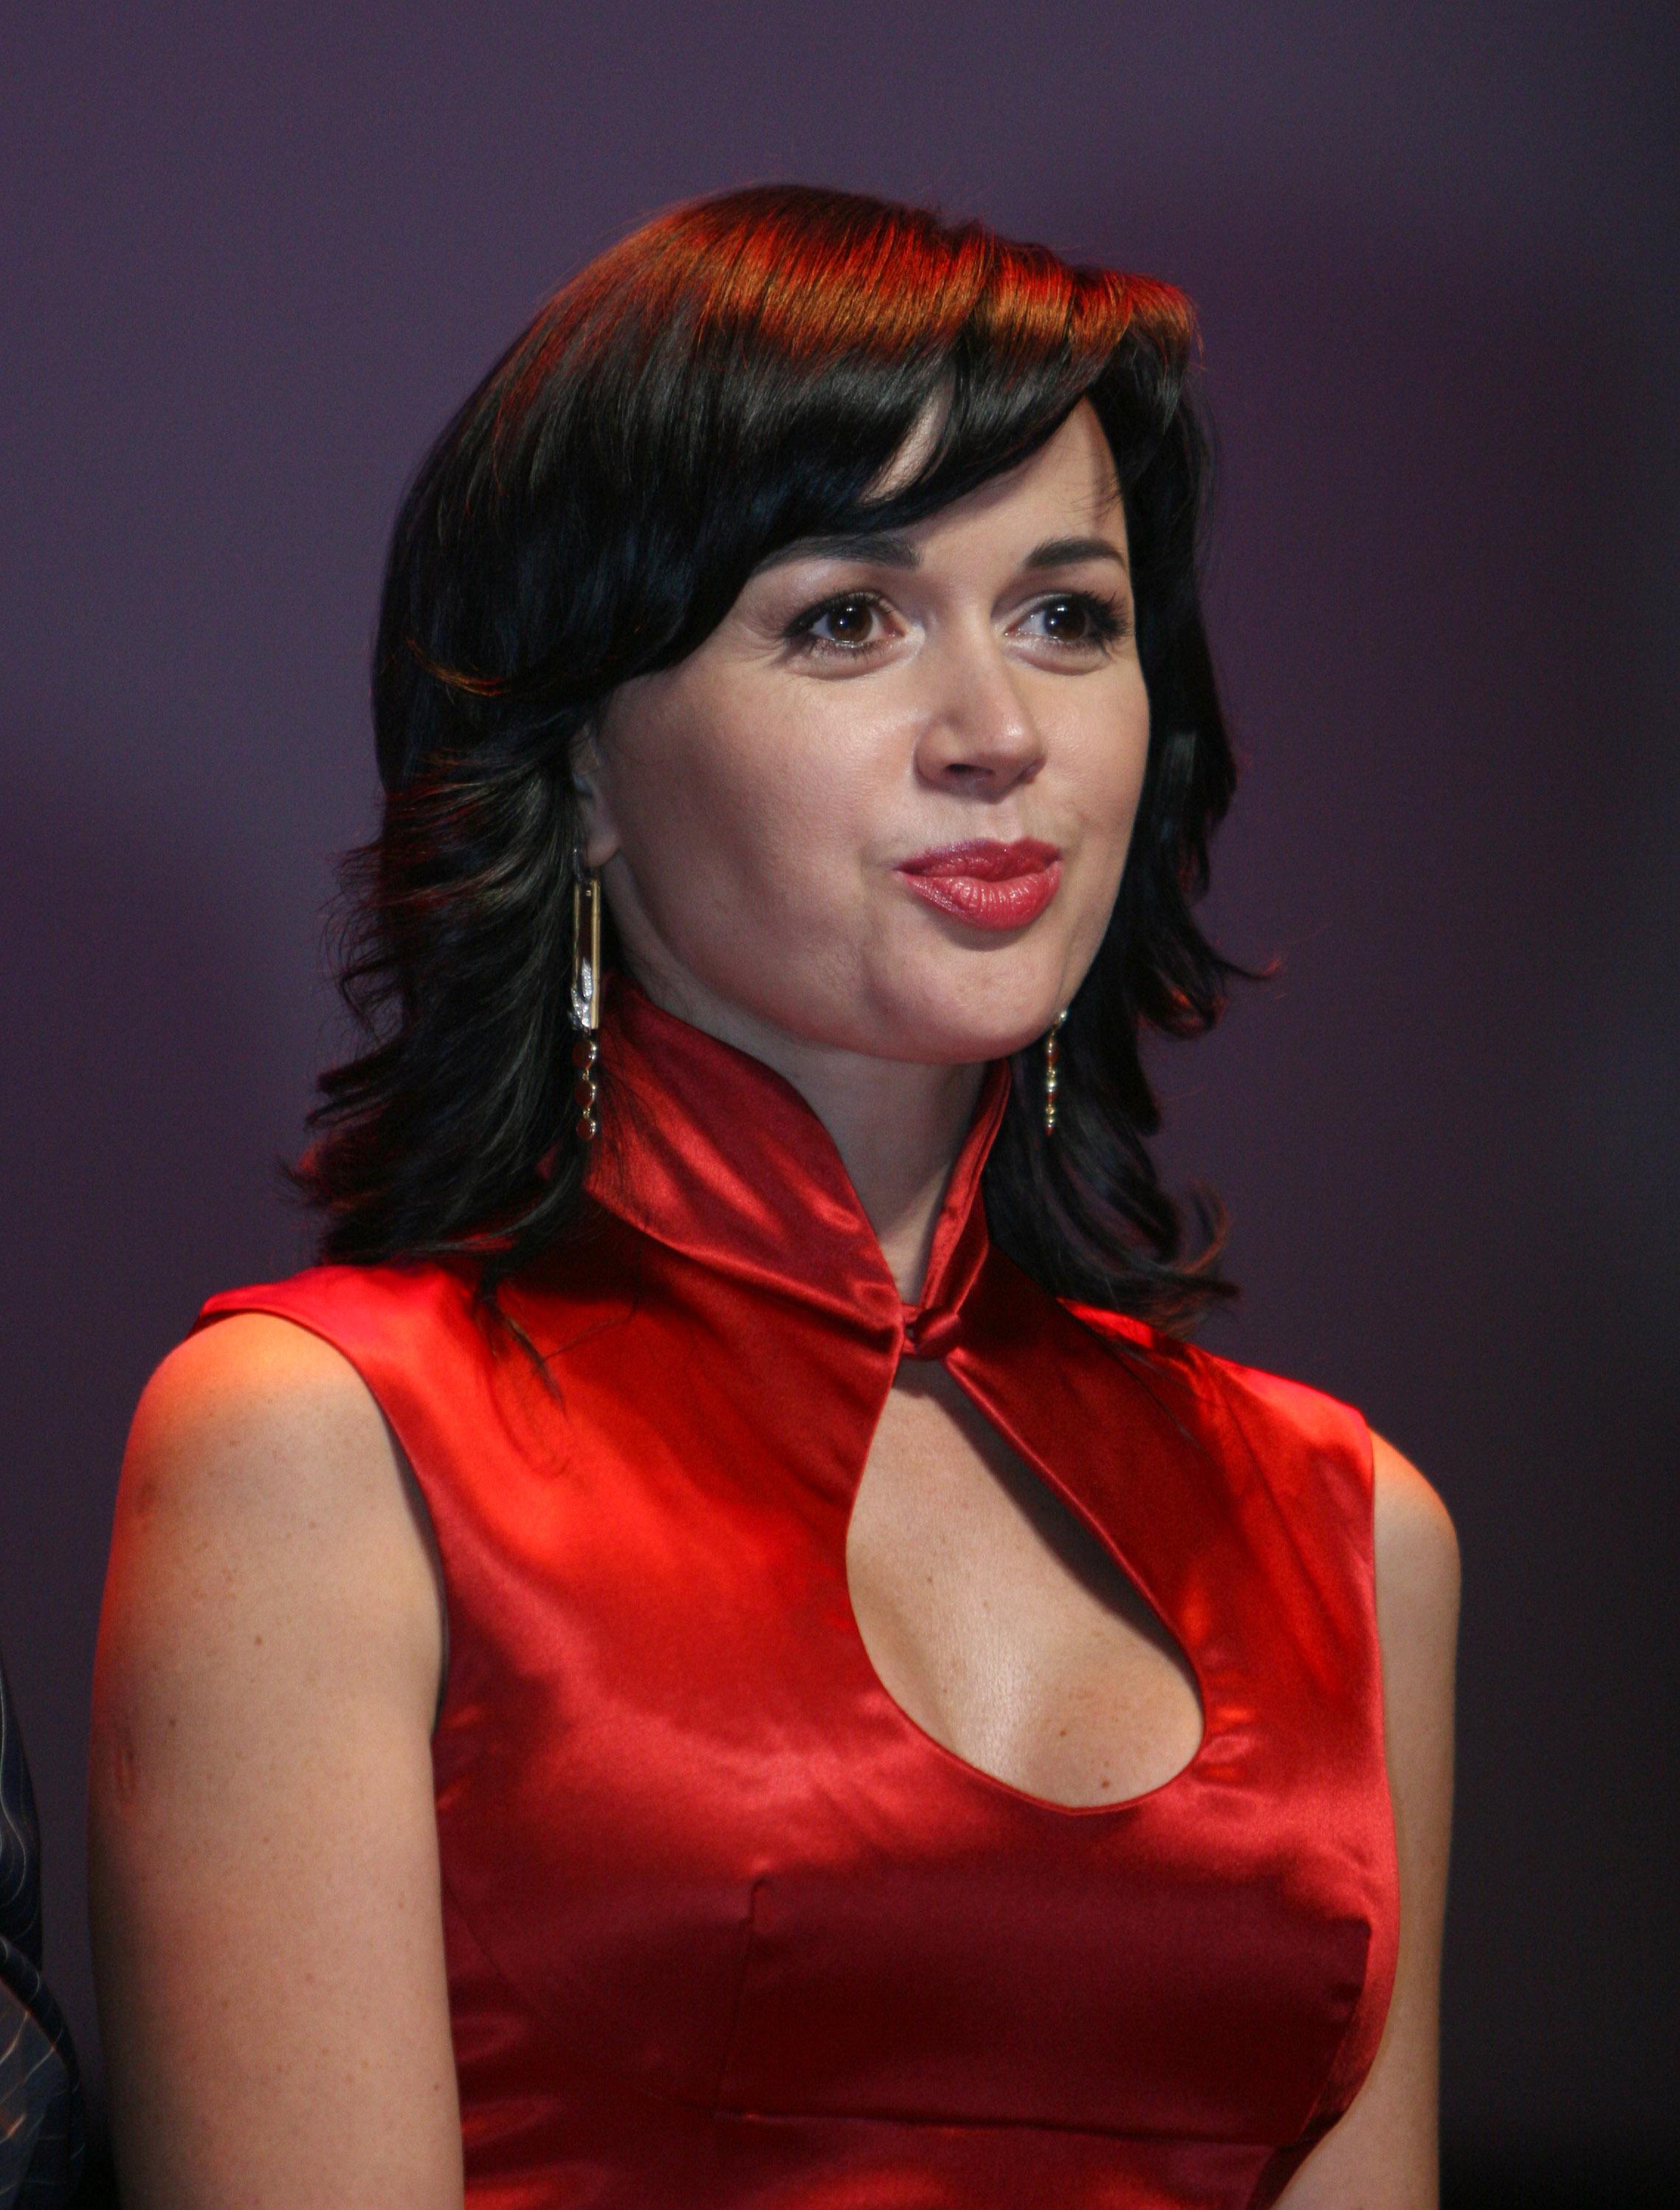 Русские знаменитости девушки 15 фотография